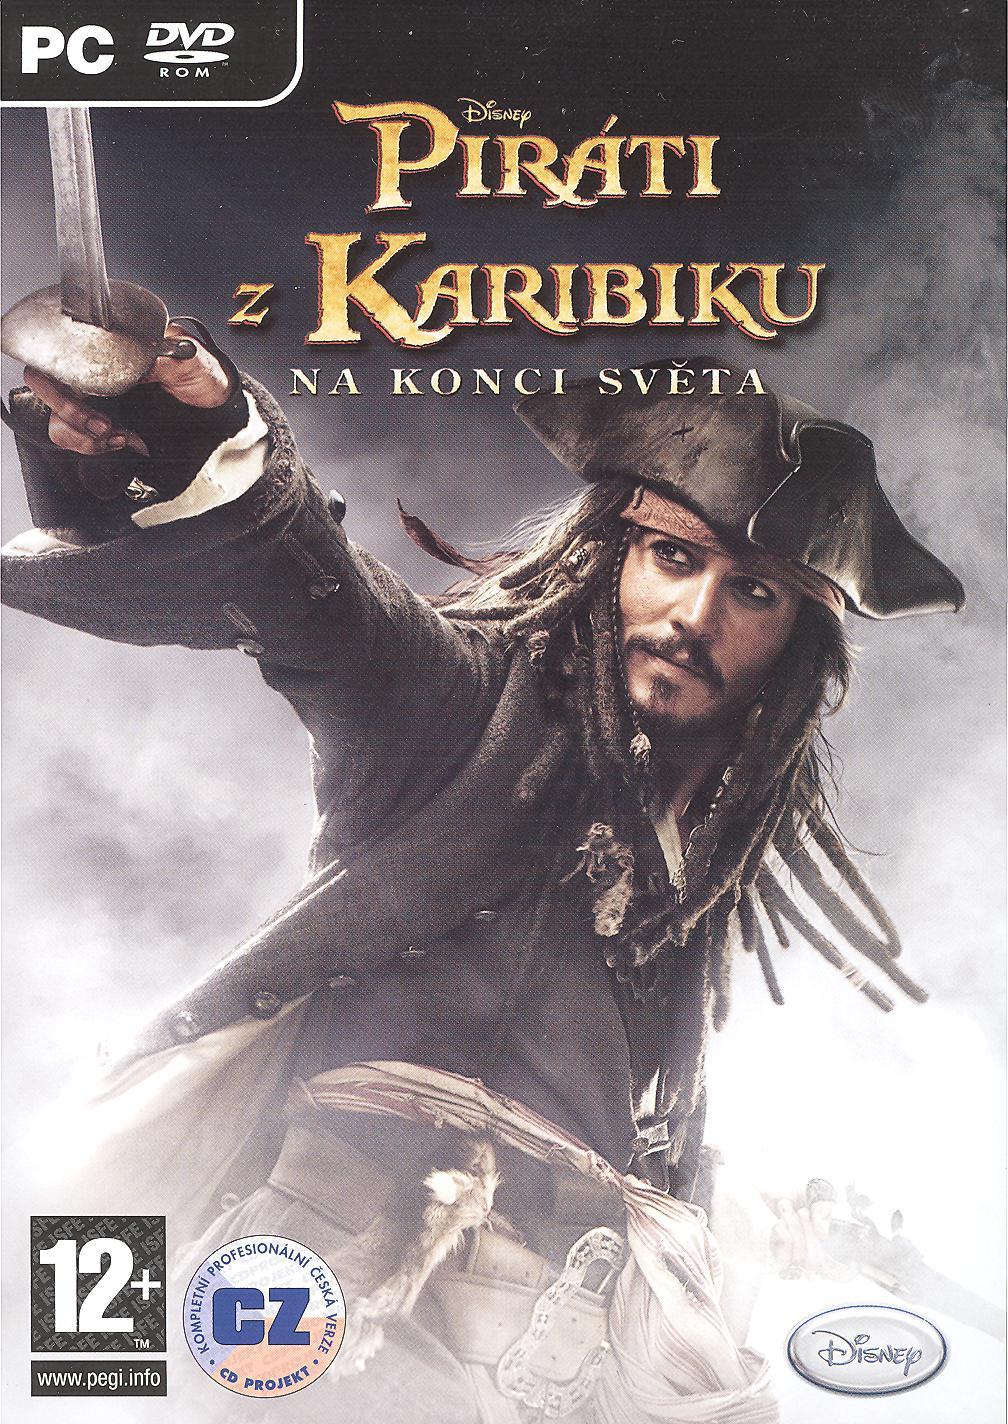 Piráti z Karibiku 3: Na Konci světa (PC) DMK REDESIGN